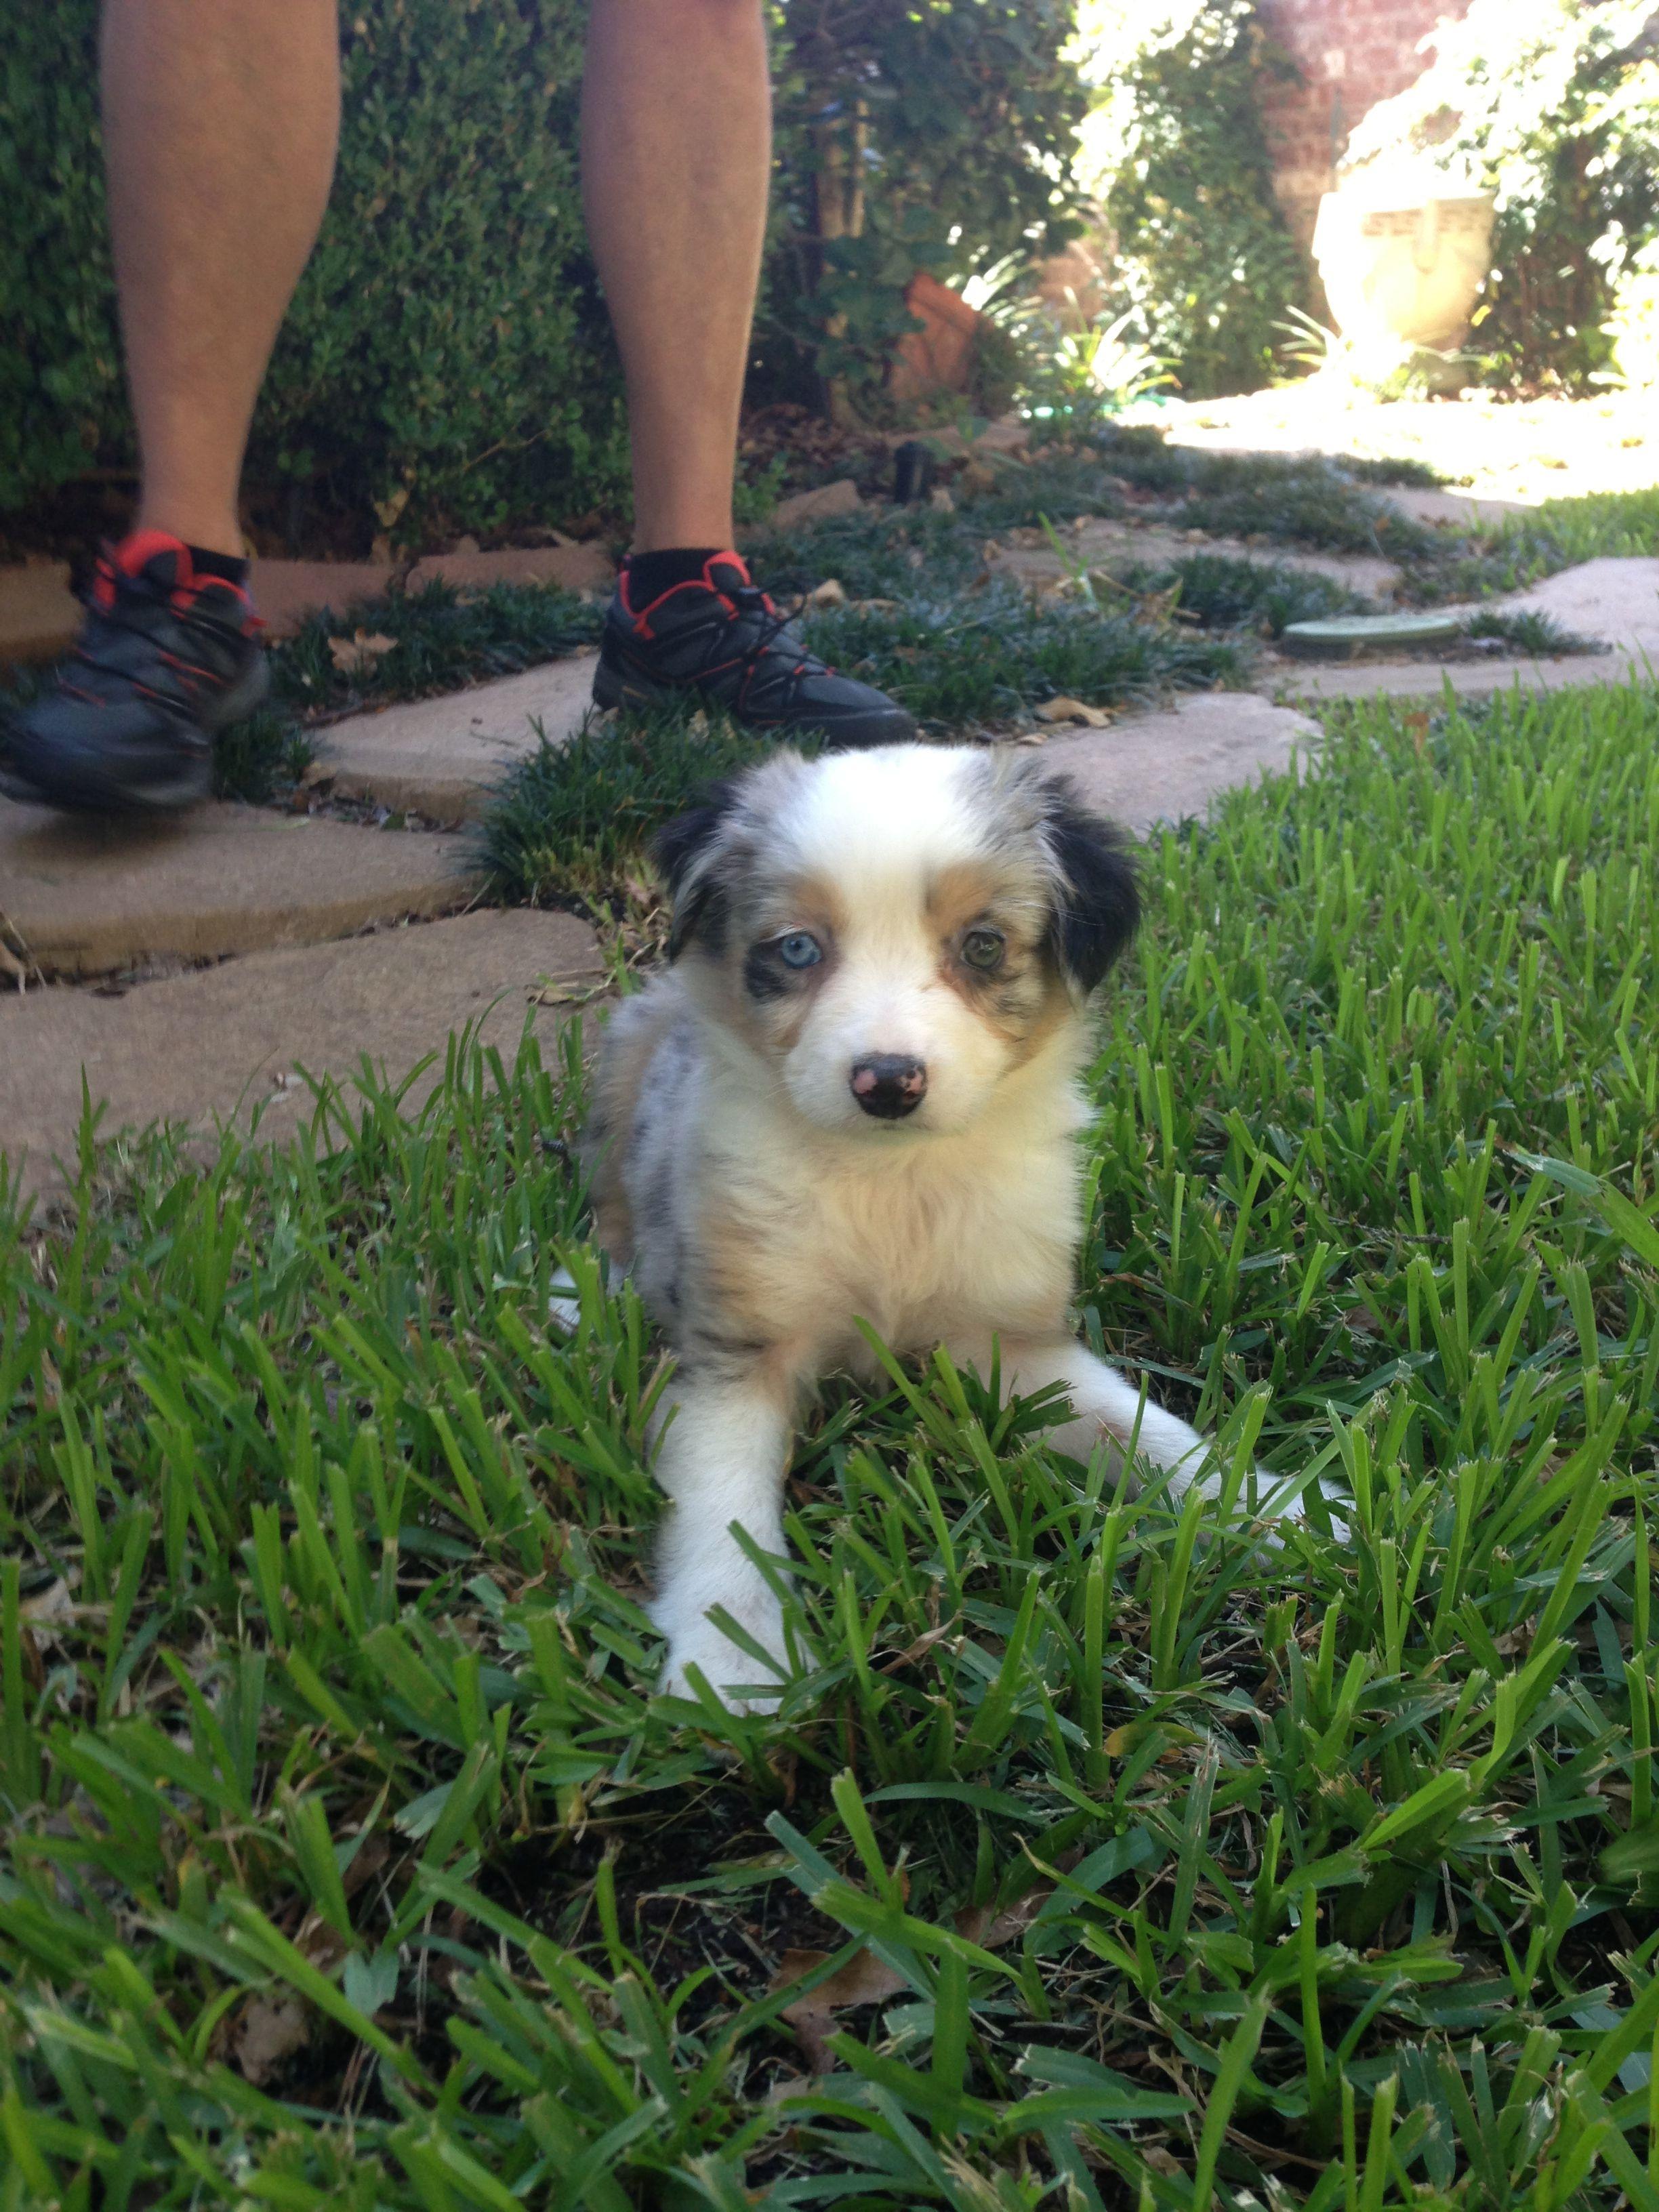 Kipper, my sweet mini Australian Shepherd